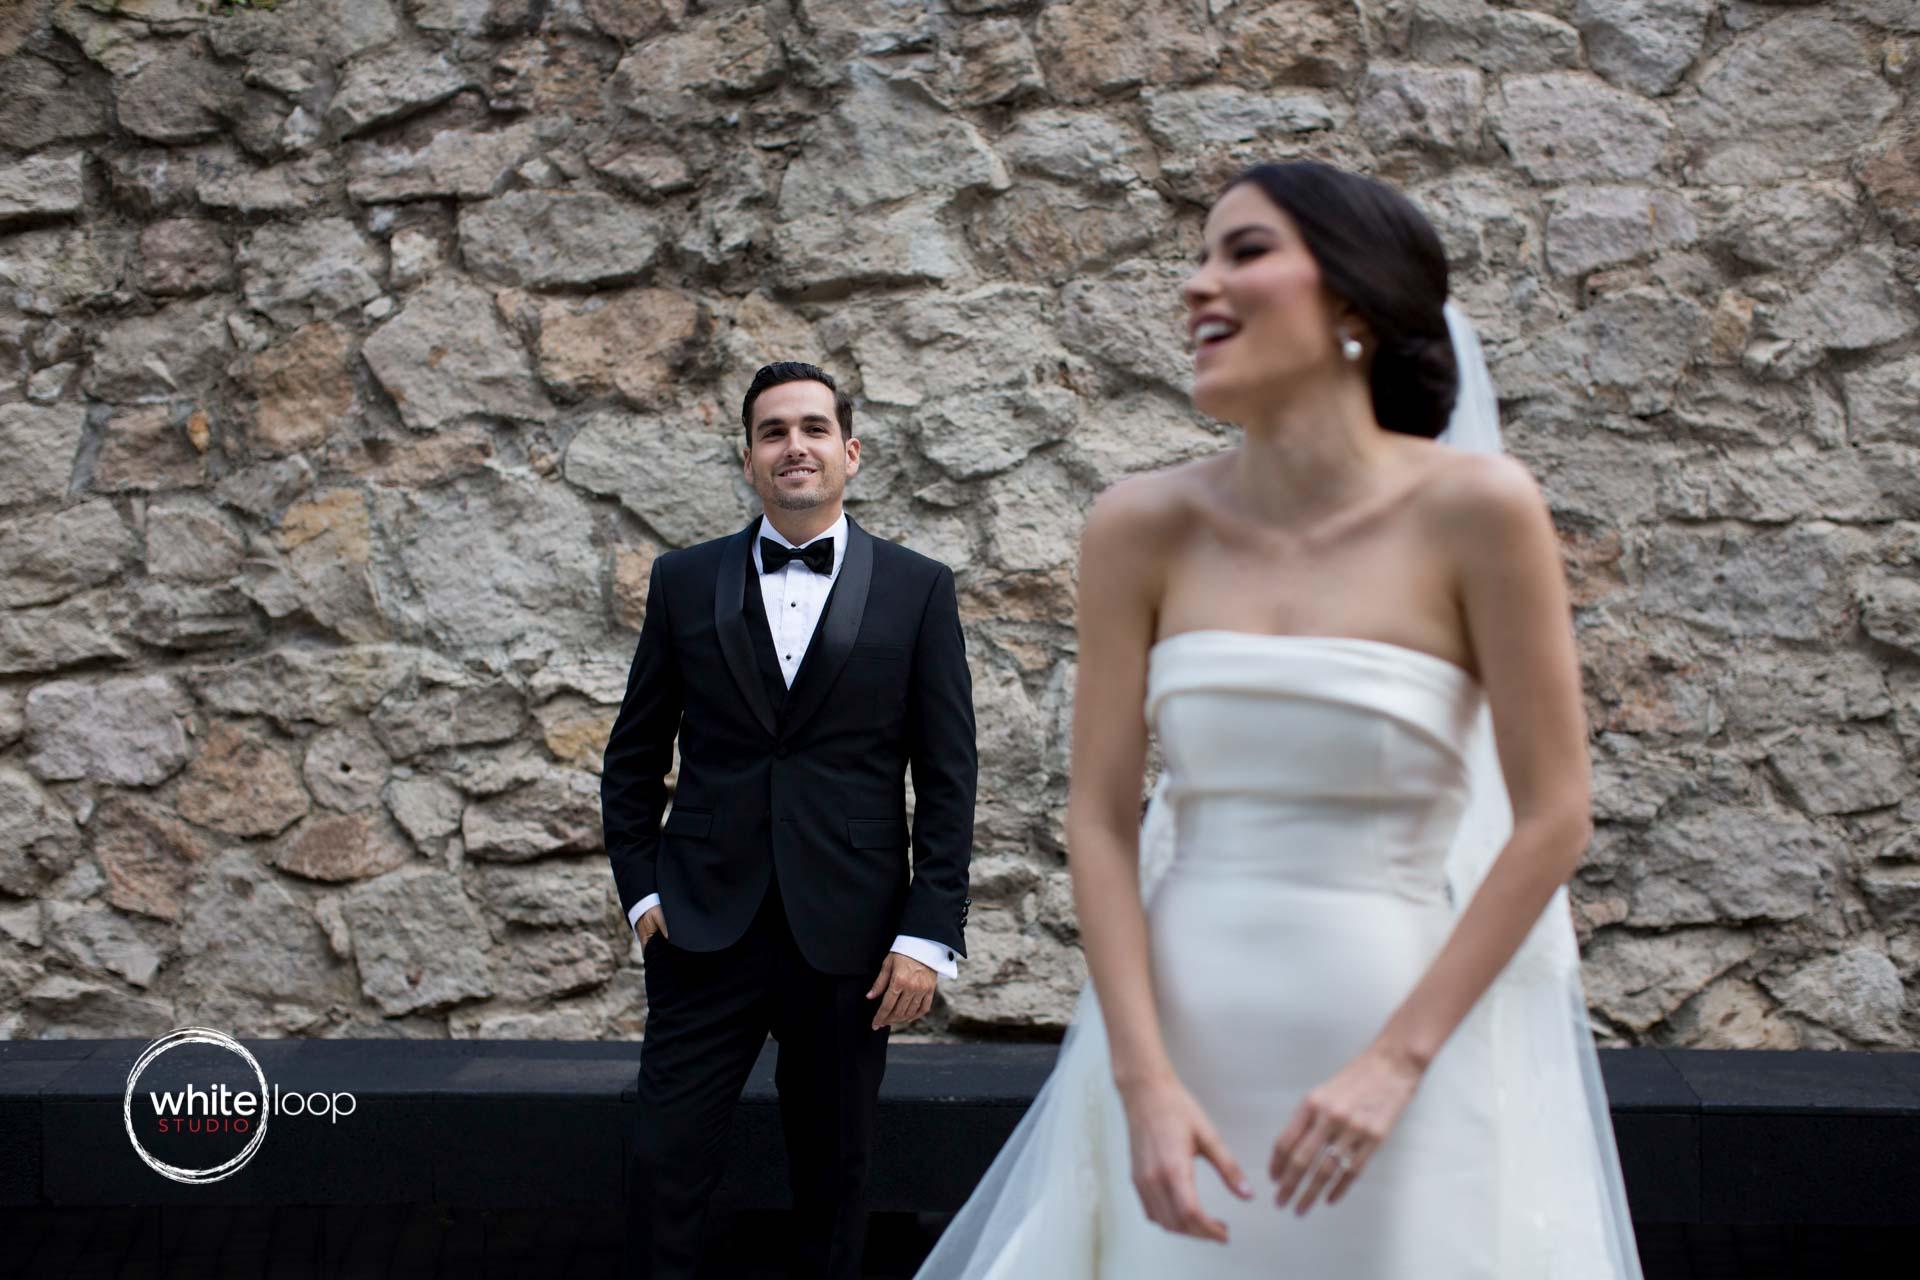 Guadalajara brides